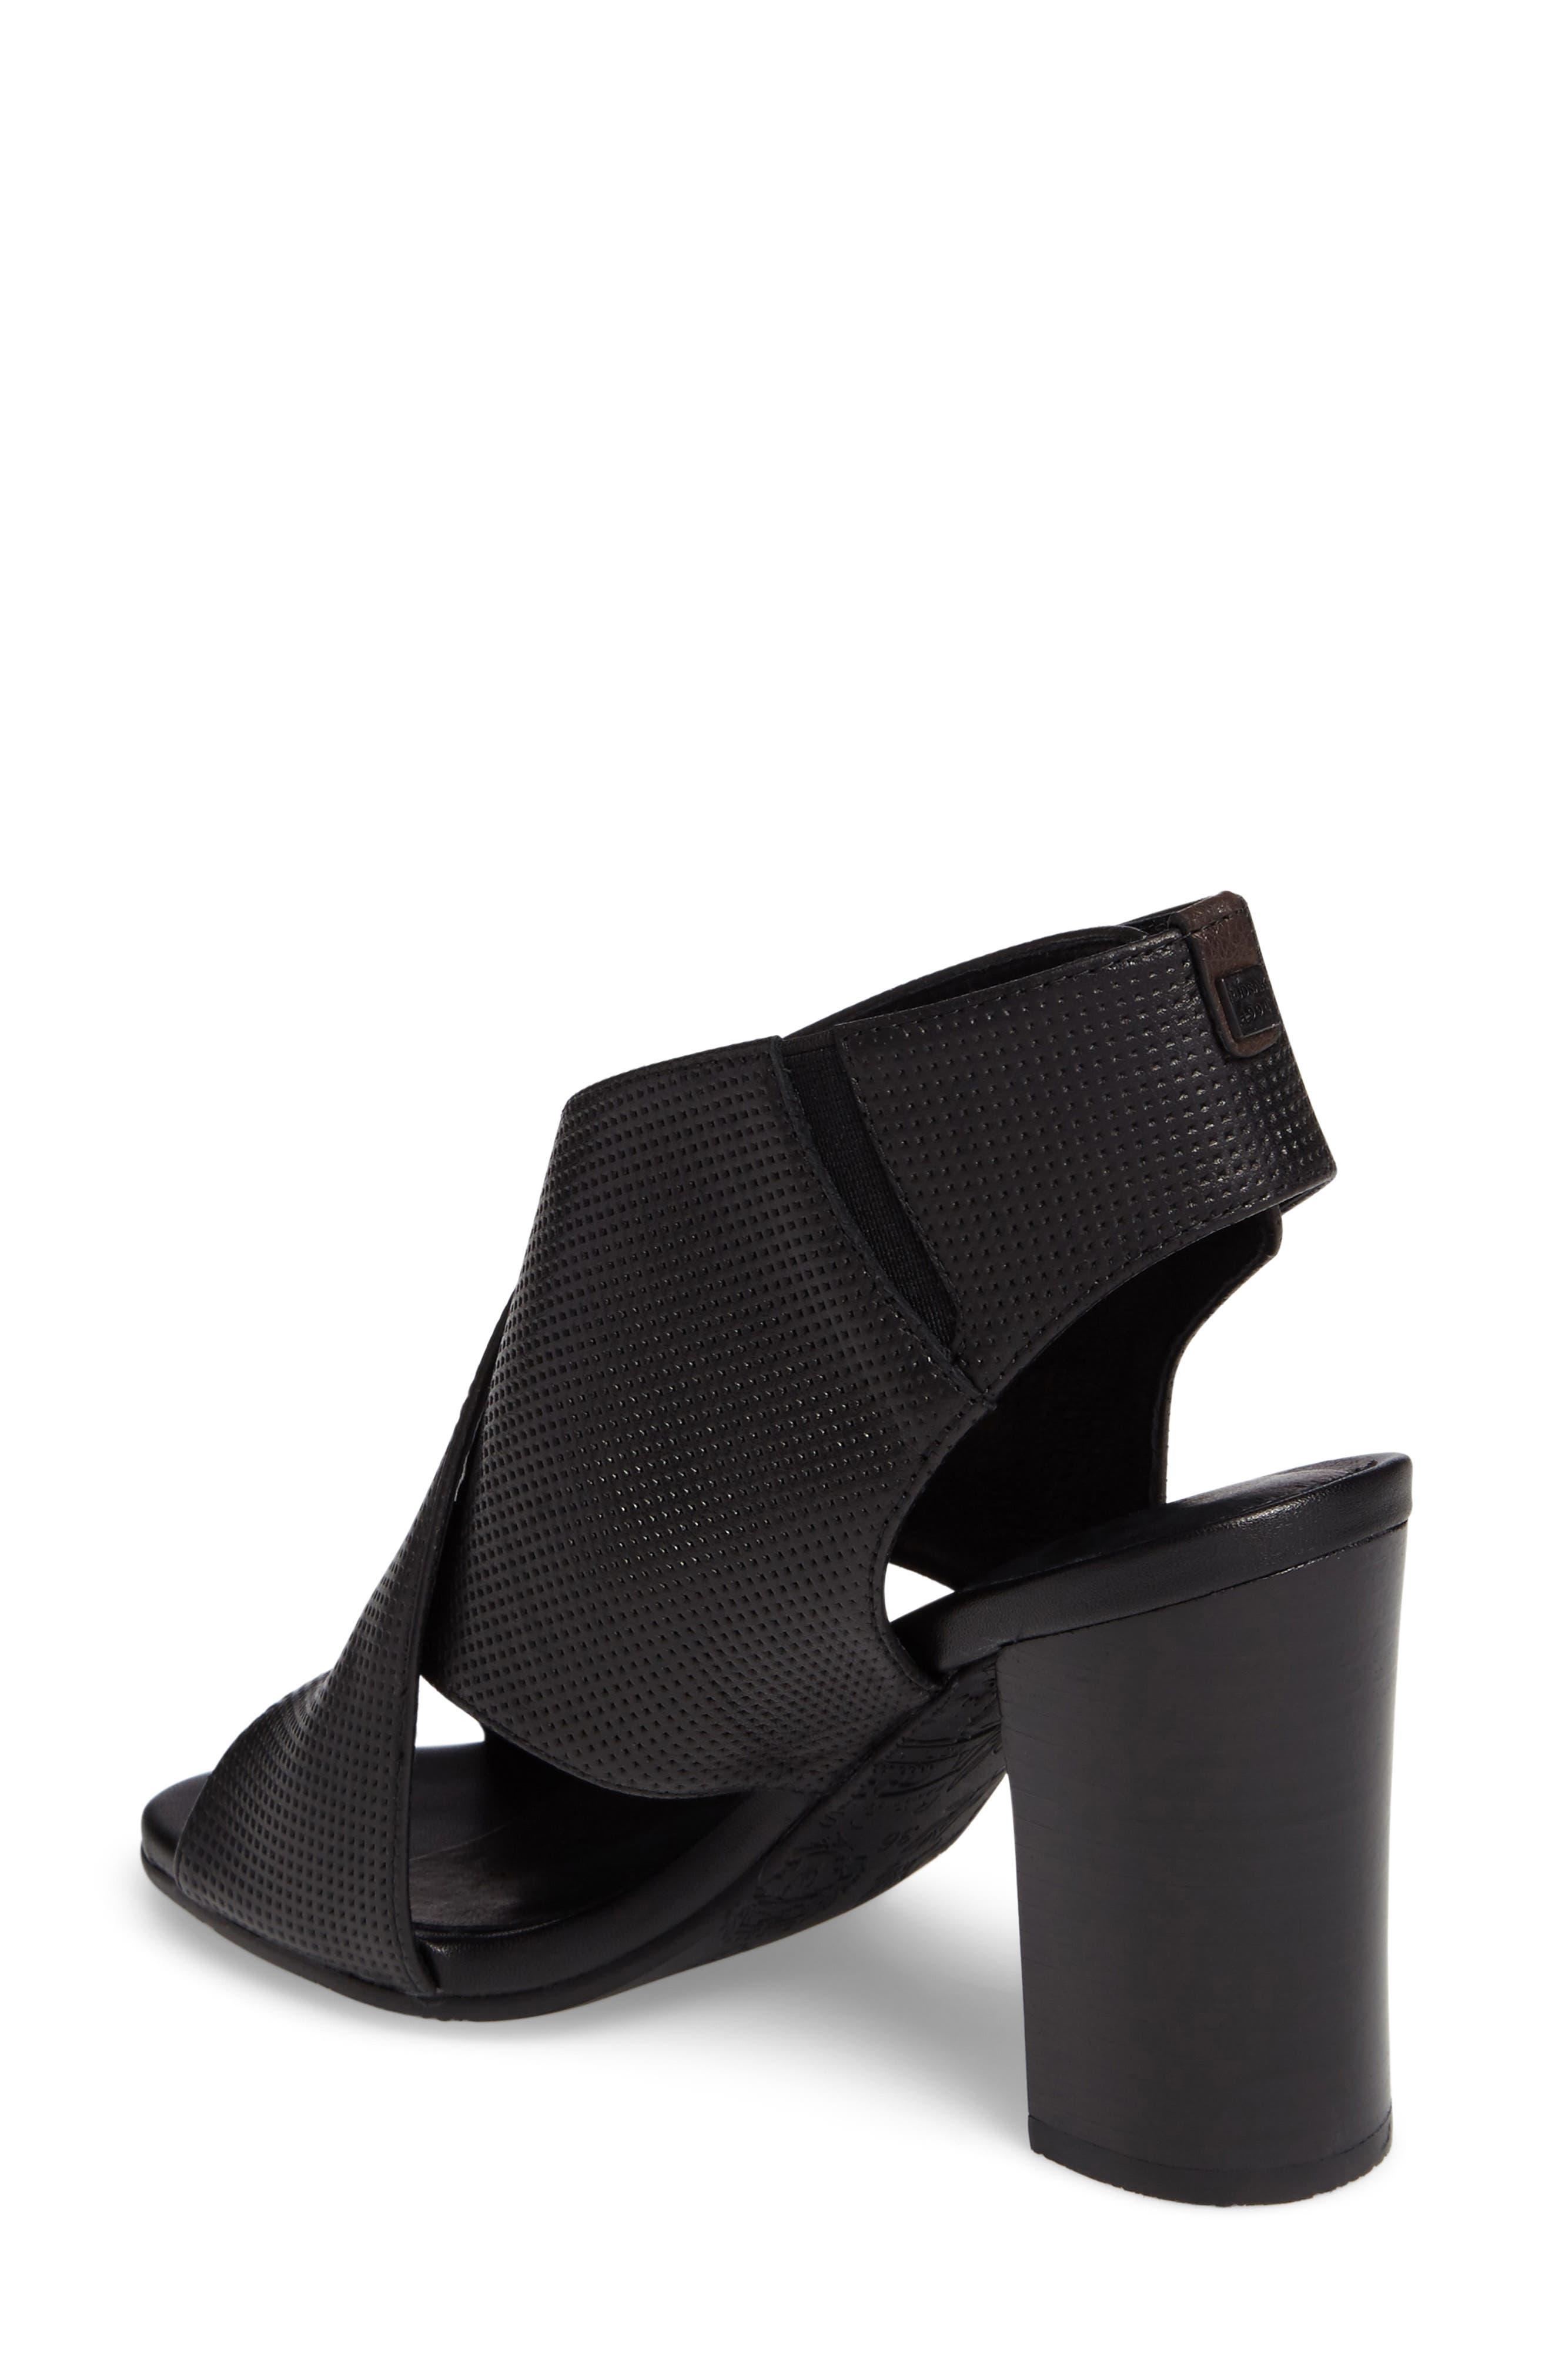 Benedetta Block Heel Sandal,                             Alternate thumbnail 2, color,                             001